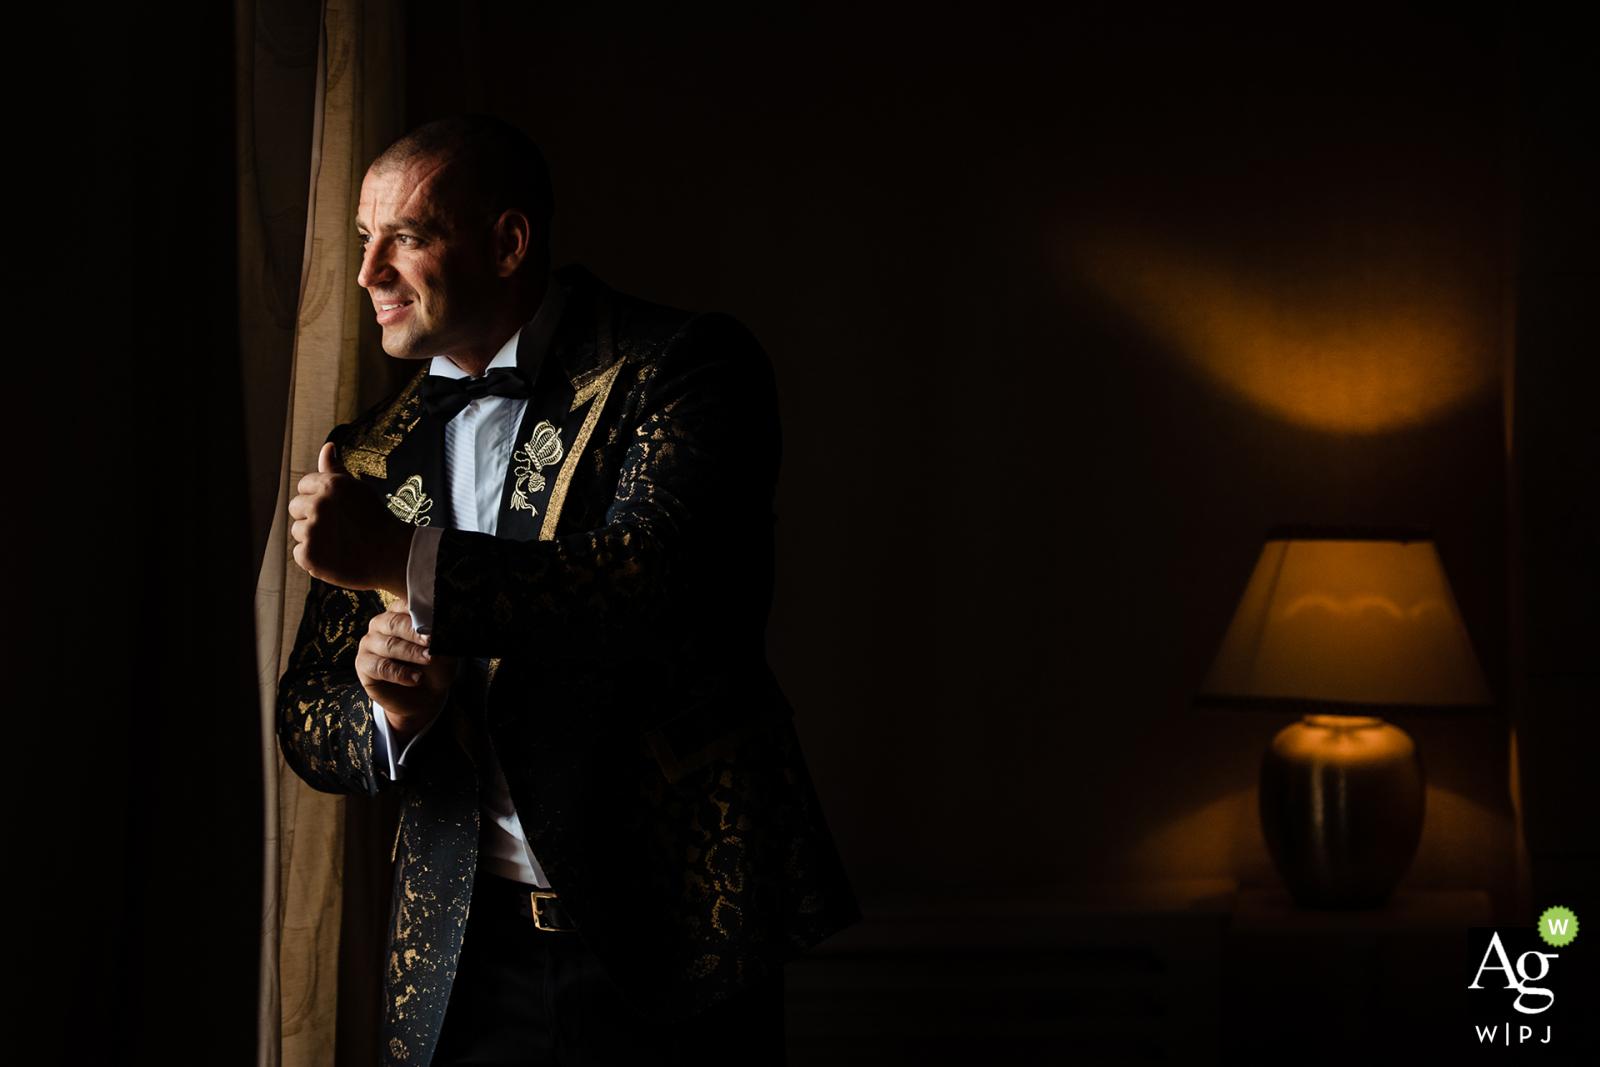 St. Sofia Golf Club Portrait of the groom next to the window